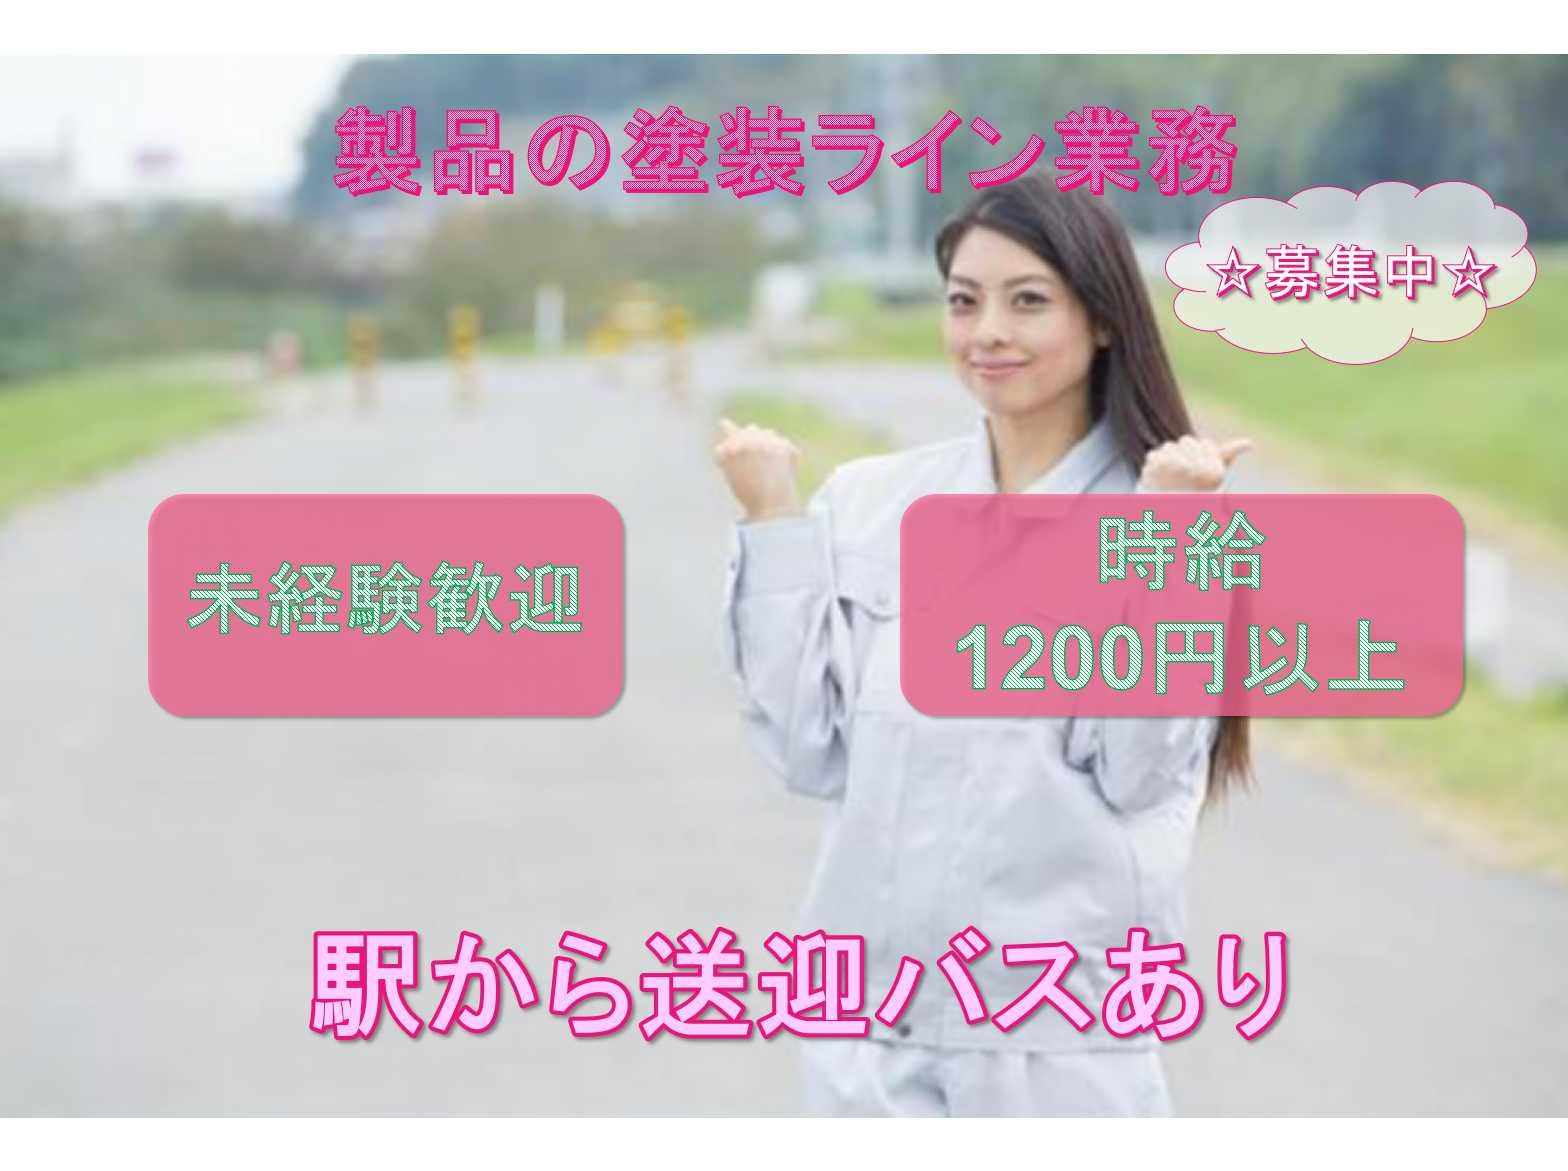 【神奈川県横浜市中区】◆未経験歓迎◆駅から送迎バスあり◆製品の塗装ライン業務◆募集中◆ イメージ